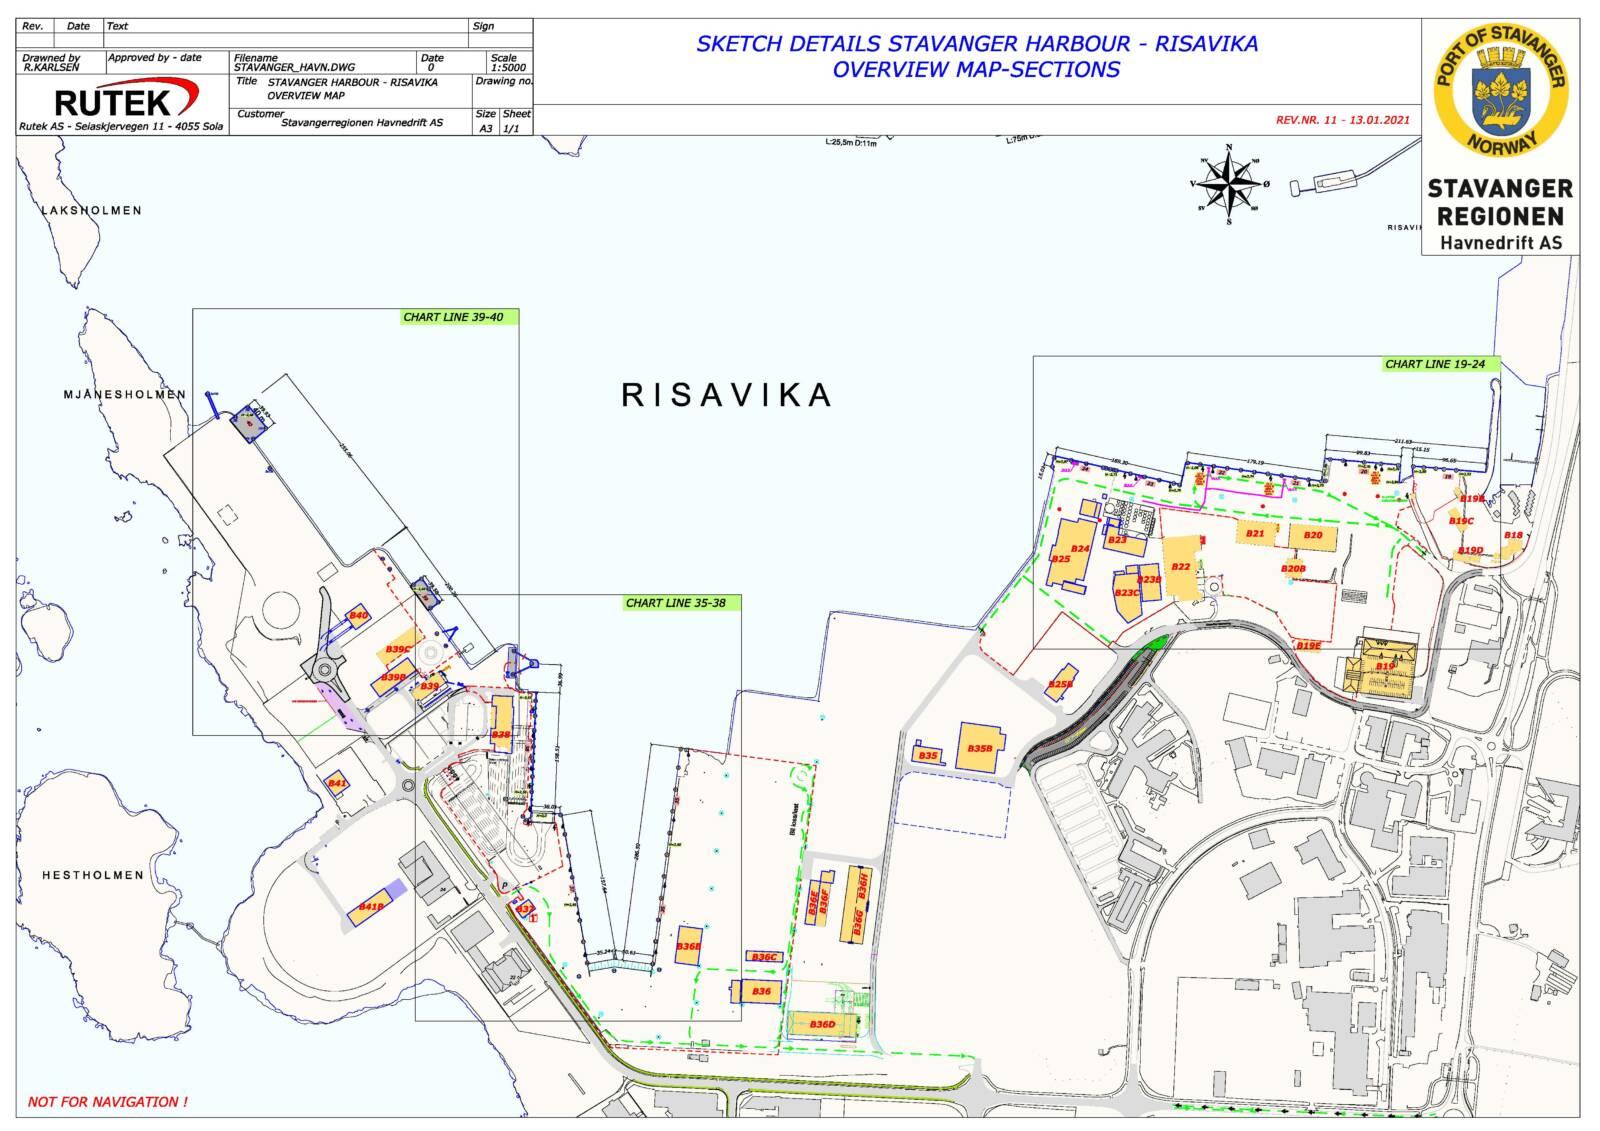 Sketch details Stavanger harbour - Mekjarvik overview map-sections